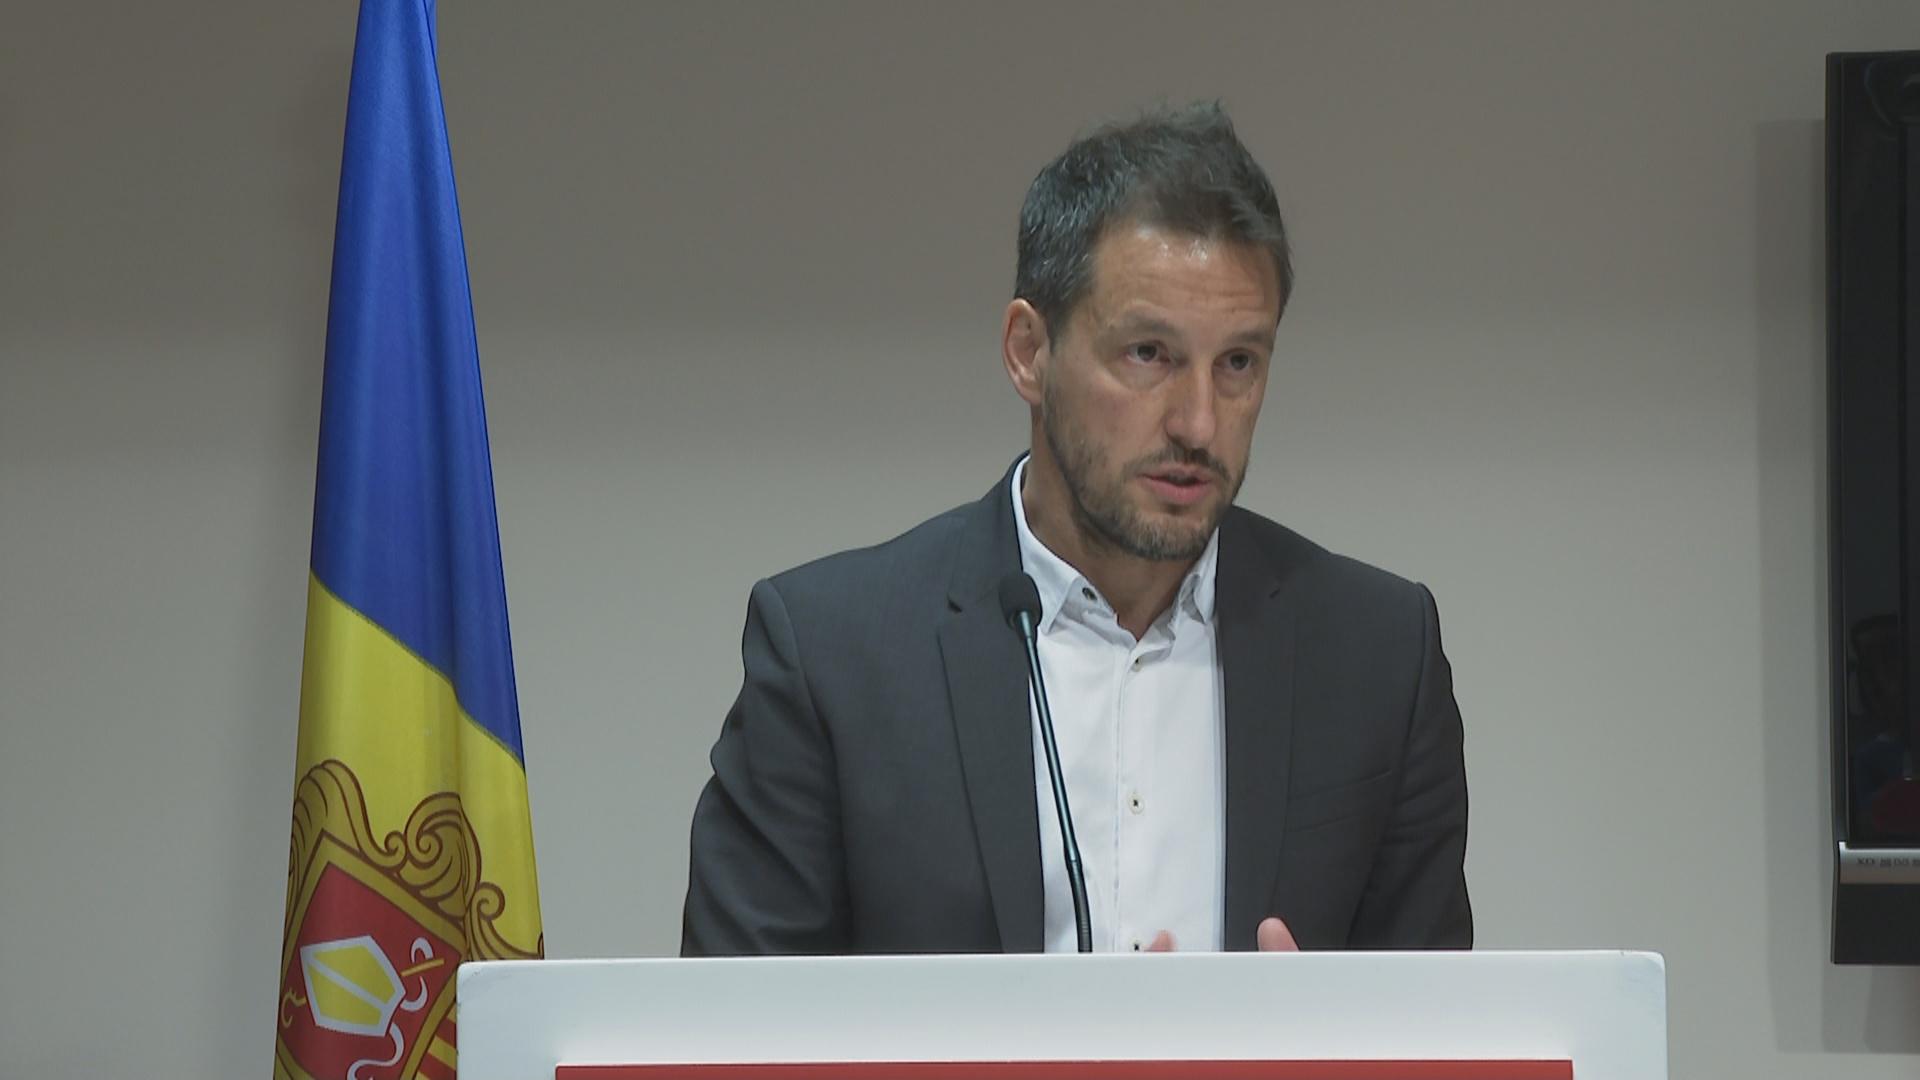 Pere López prioritza garantir els llocs de treball davant la crisi del coronavirus